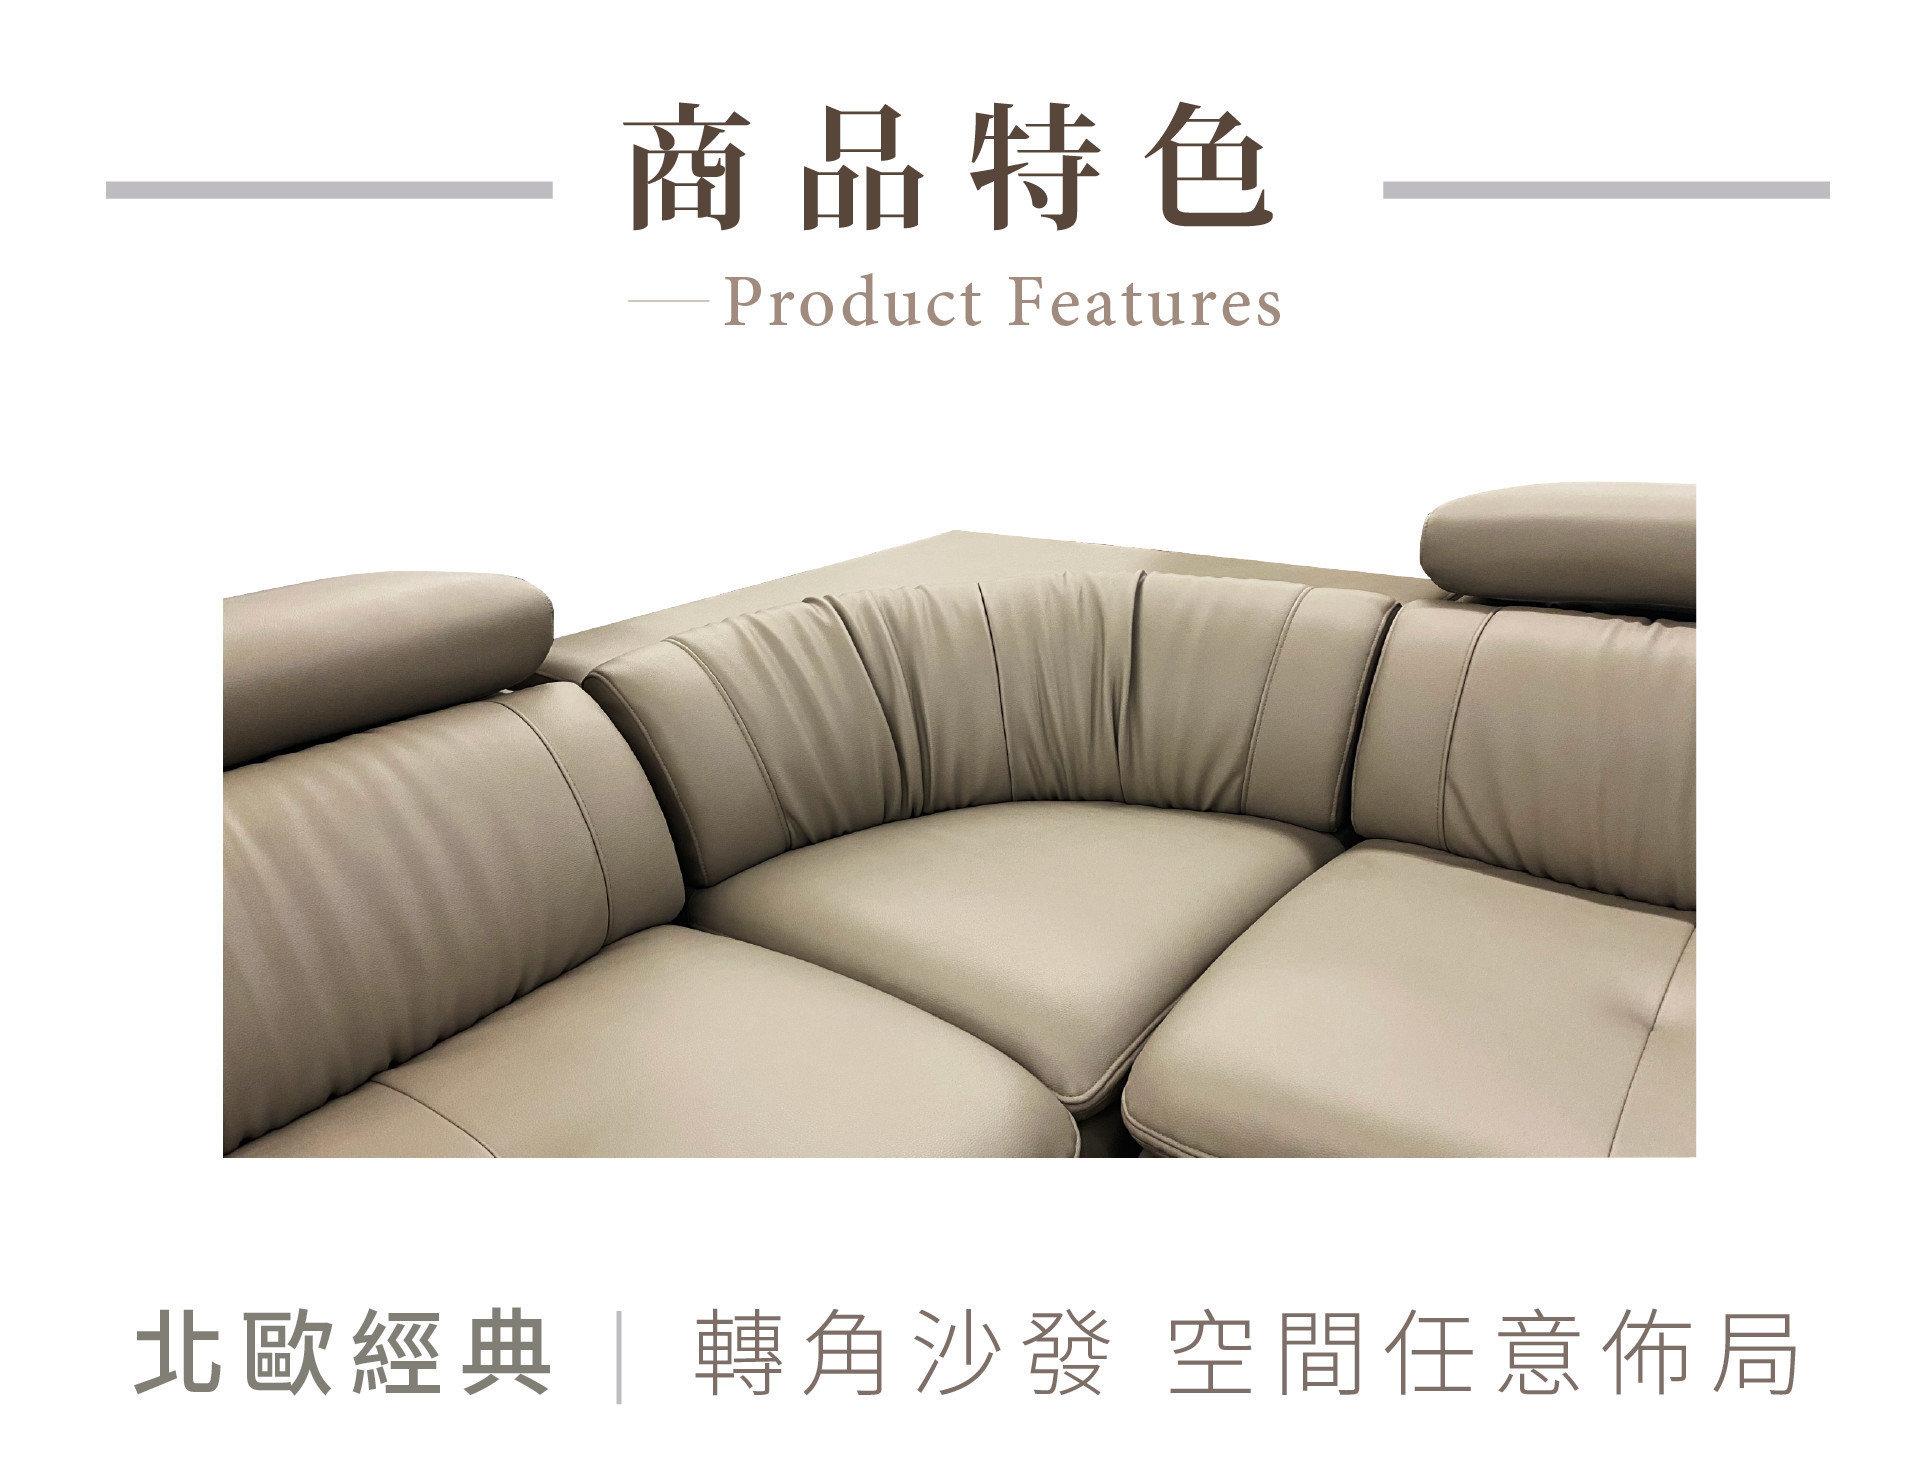 麥格沙發有北歐經典轉角沙發設計,空間隨你佈局